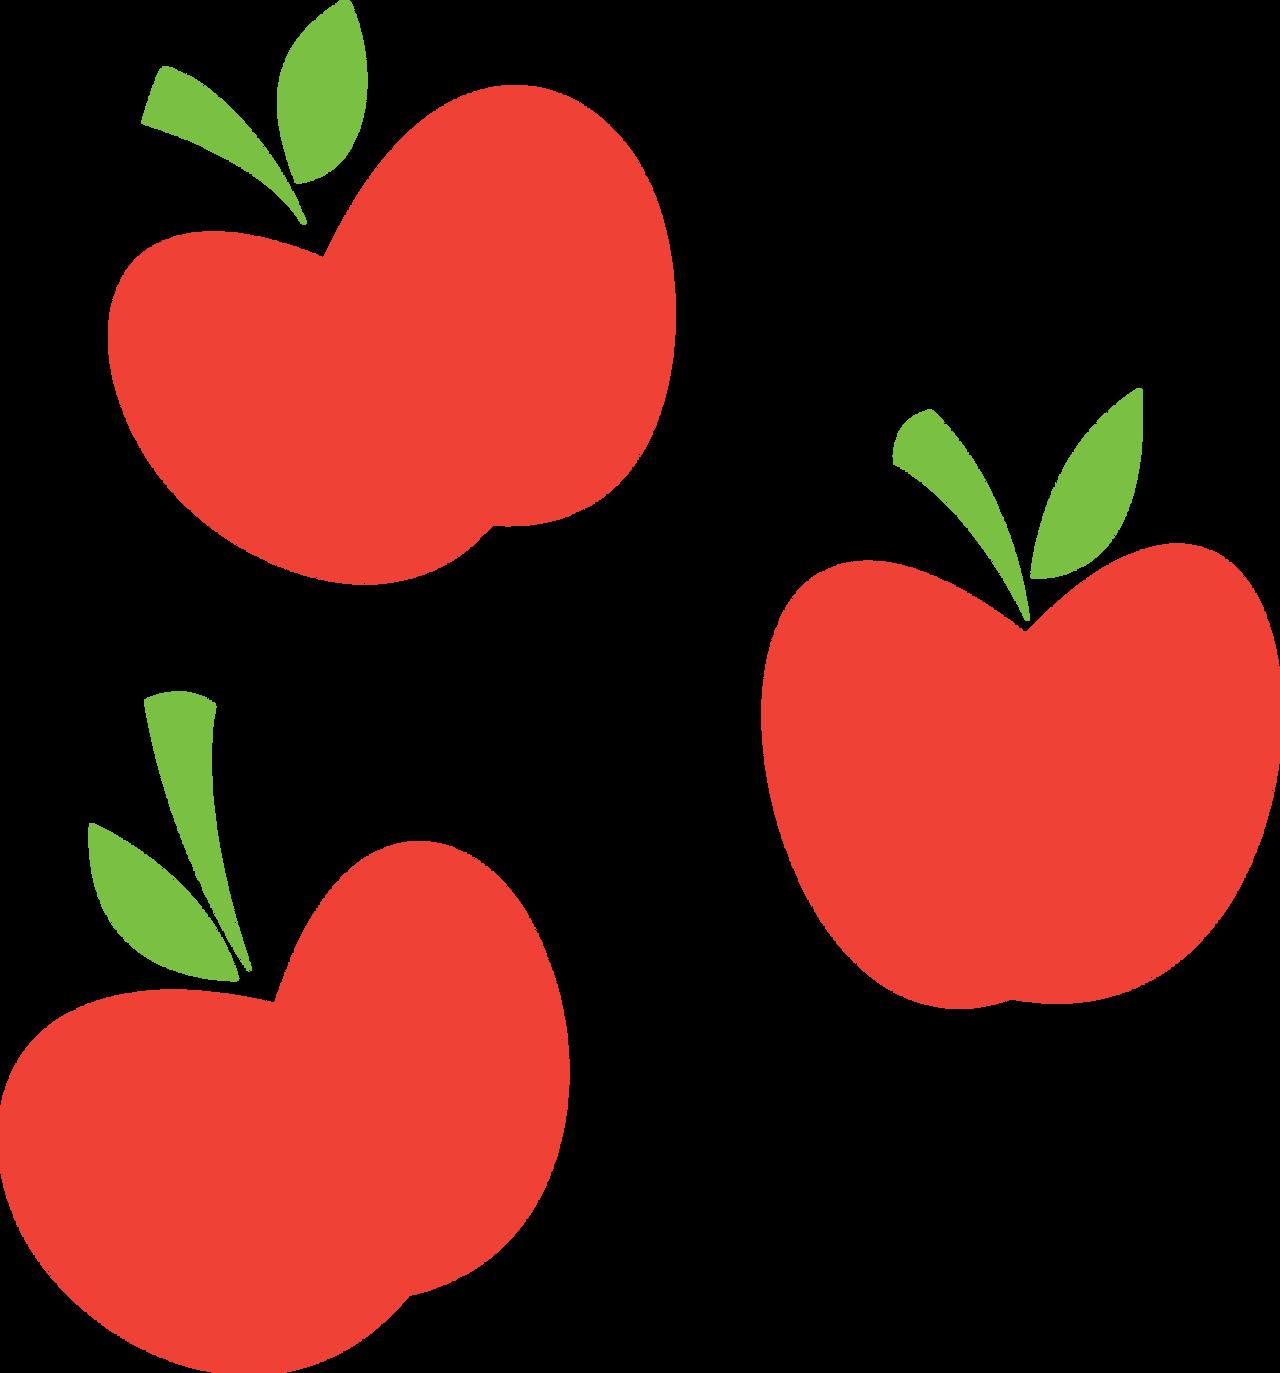 Applejack Cutie Mark by BlackGryph0n